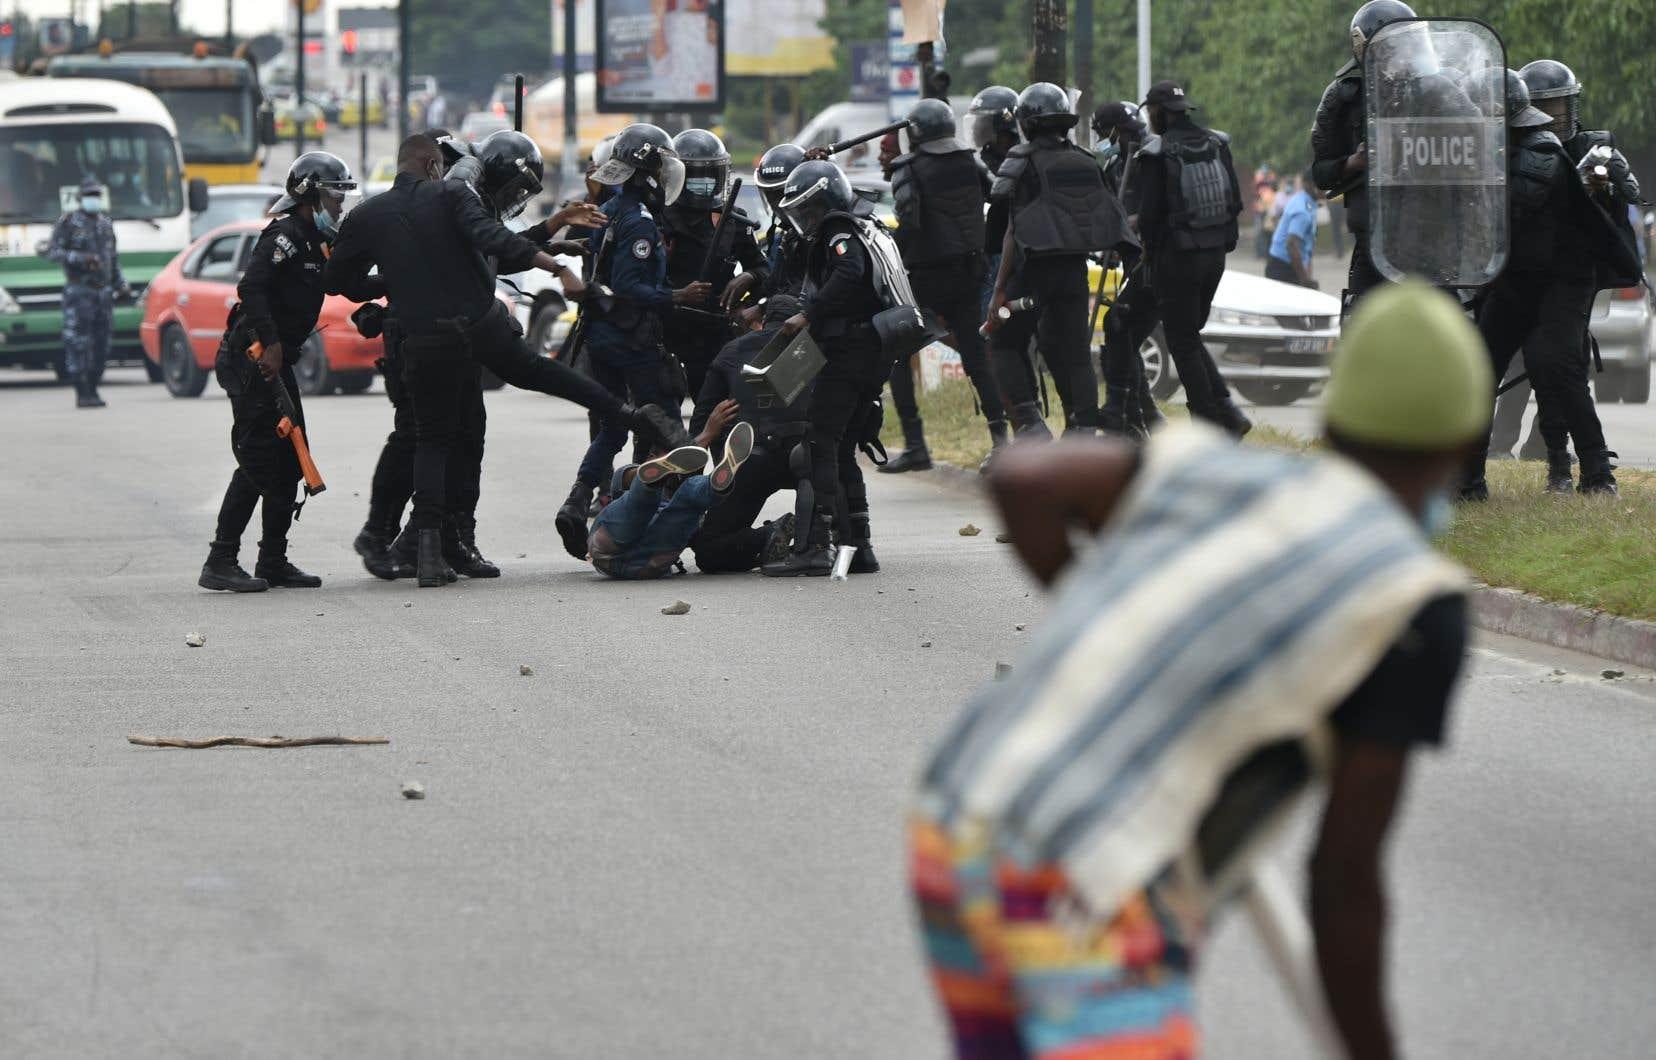 L'annonce, le 6 août, de la candidature d'Alassane Ouattara à un troisième mandat avait dégénéré en trois jours de violences. Une dizaine de personnes sont mortes dans les affrontements des dernières semaines en Côte d'Ivoire.